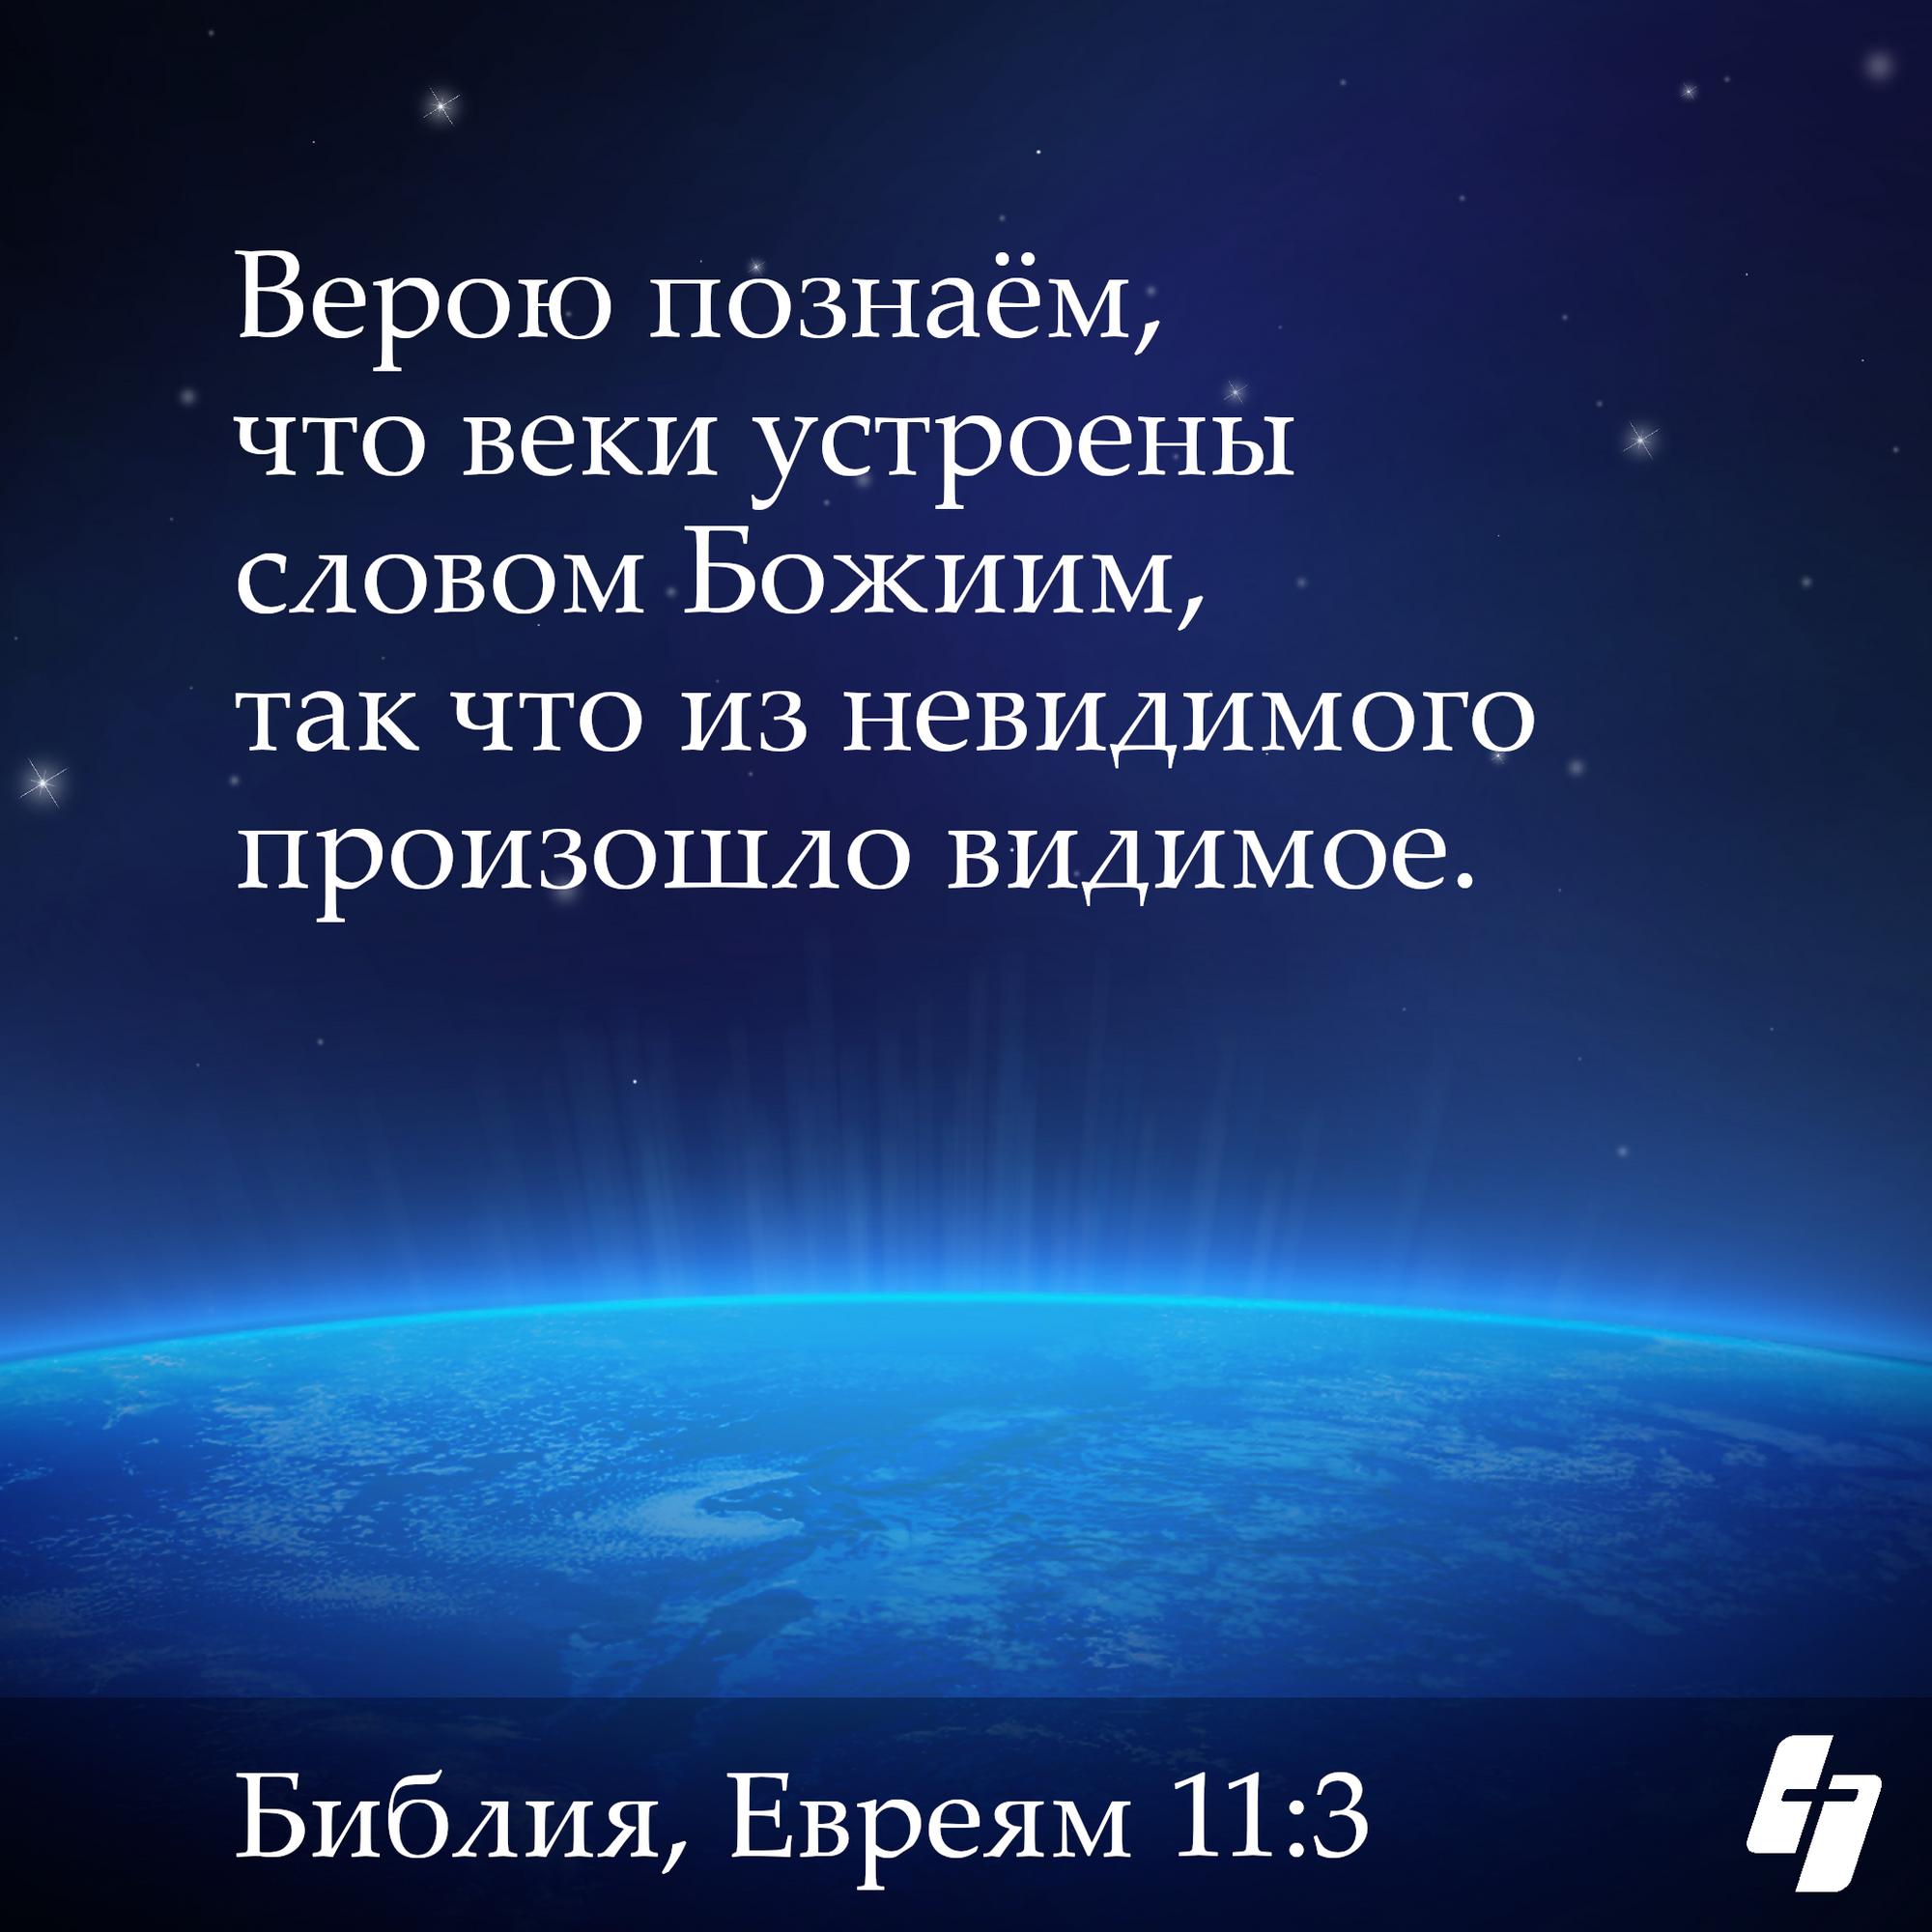 вопрос о библии по картинке новым